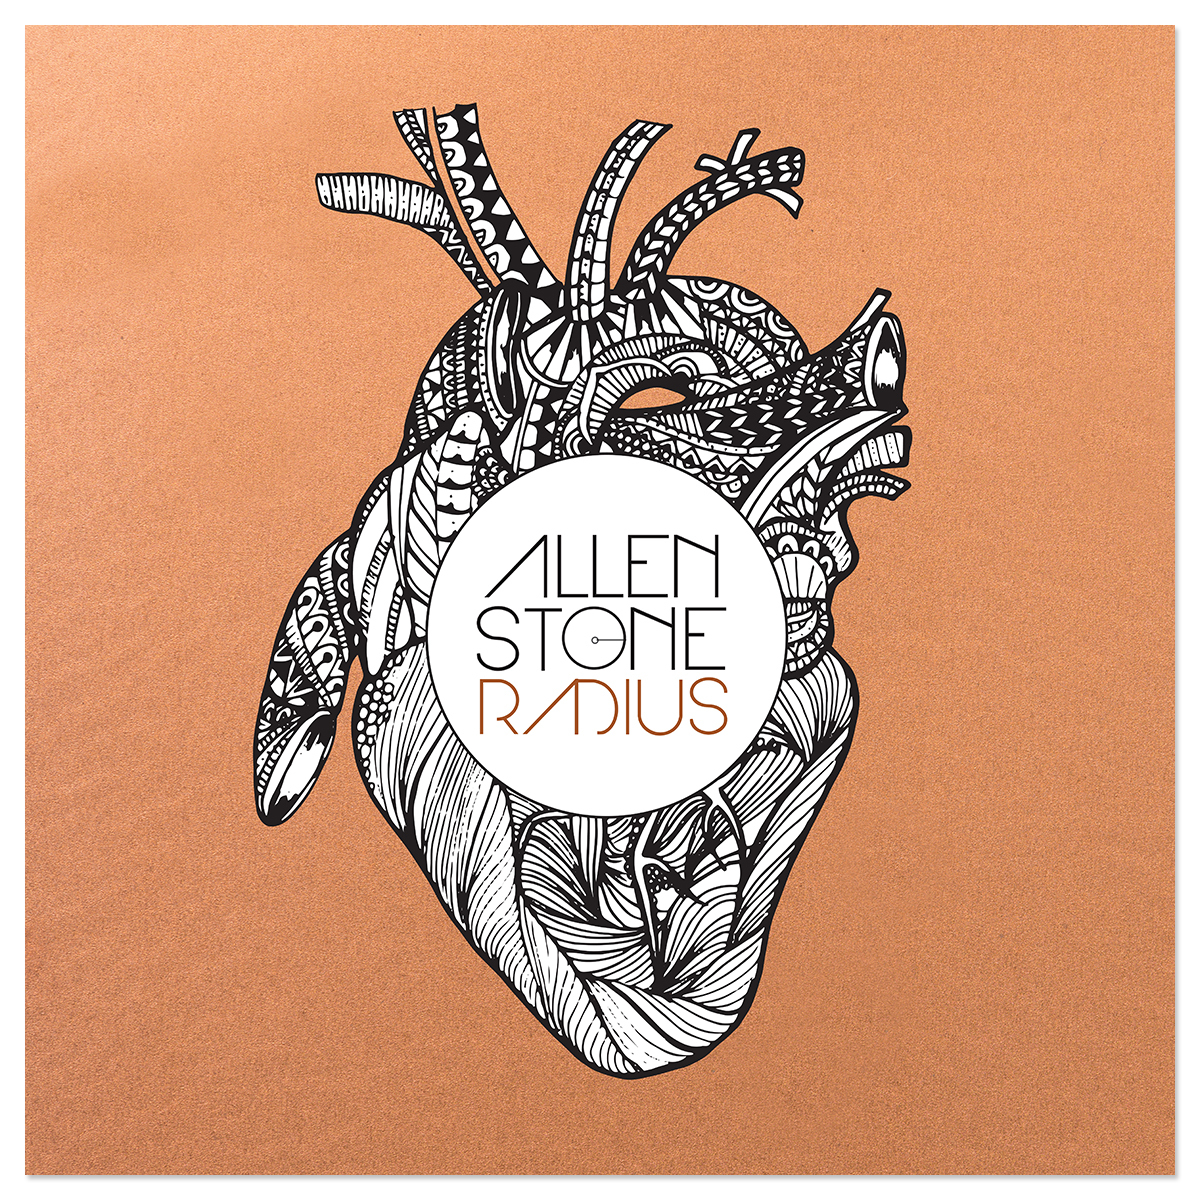 Allen Stone - Radius (Deluxe Edition) CD